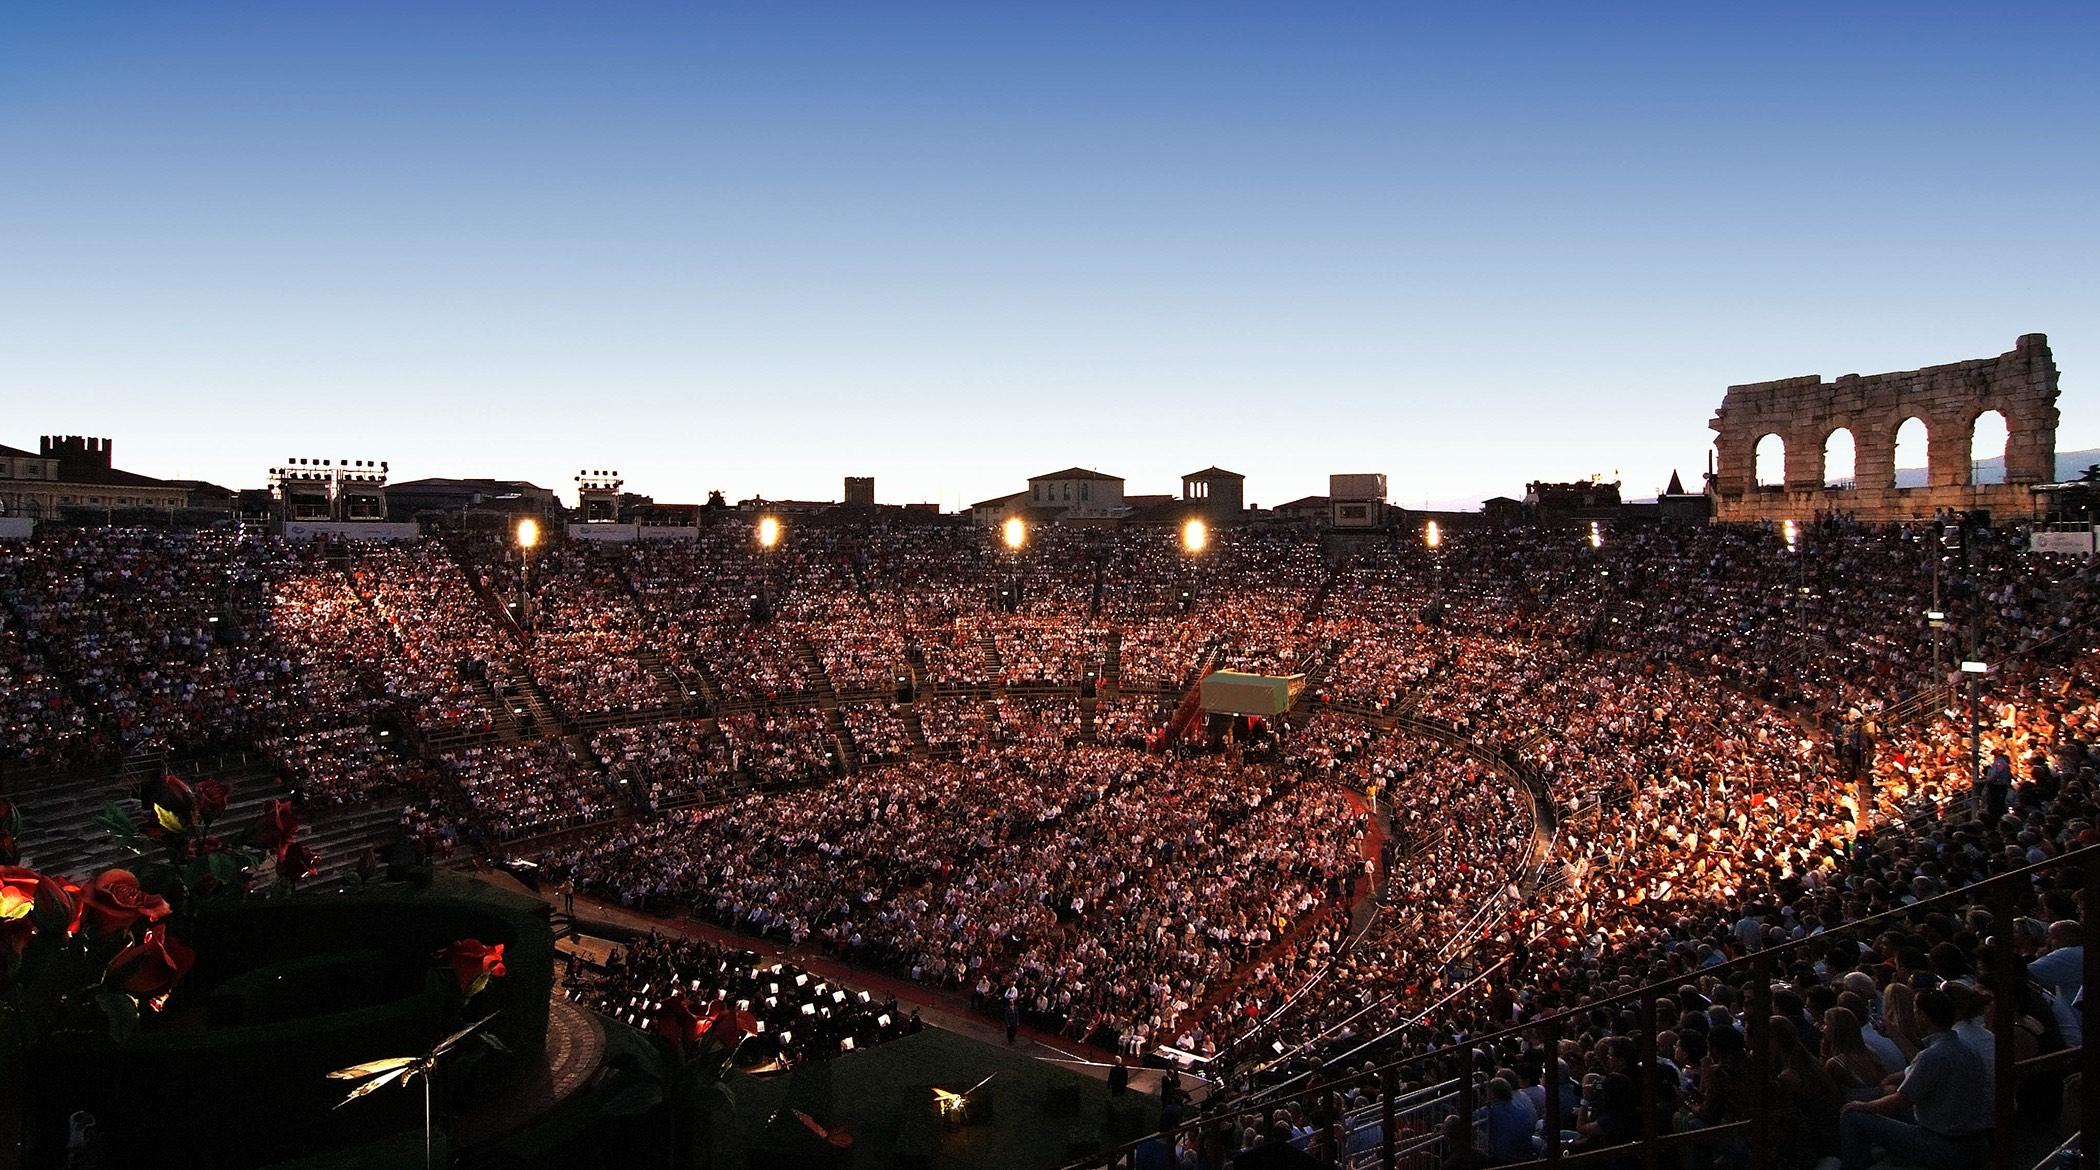 Estate Italiana all'Opera; 2021; Opera Lirica, Festival; Arena di Verona; ROF Pesaro; Opera al Circo Massimo; Estate al Bibiena Bologna; Maggio Musicale Fiorentino; Regione Lirica; Teatro San Carlo Napoli; Regio Opera Festival